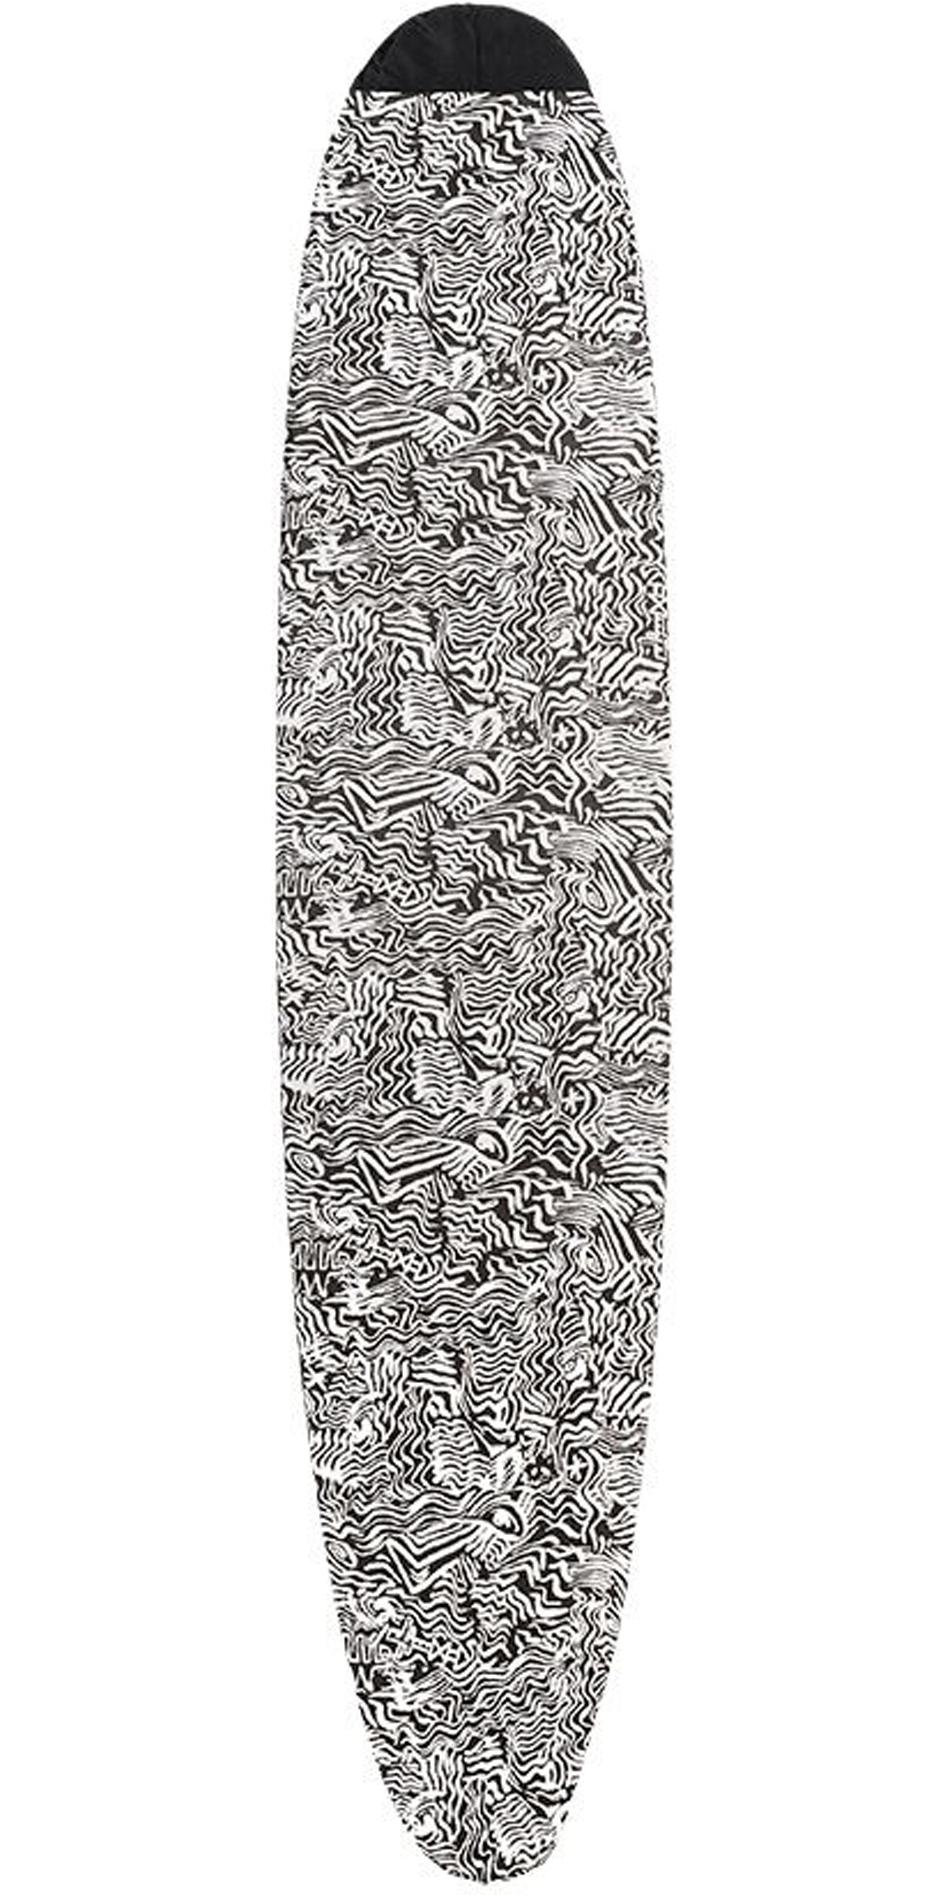 2019 Quiksilver Euroglass Longboard Surfboard Sock 9